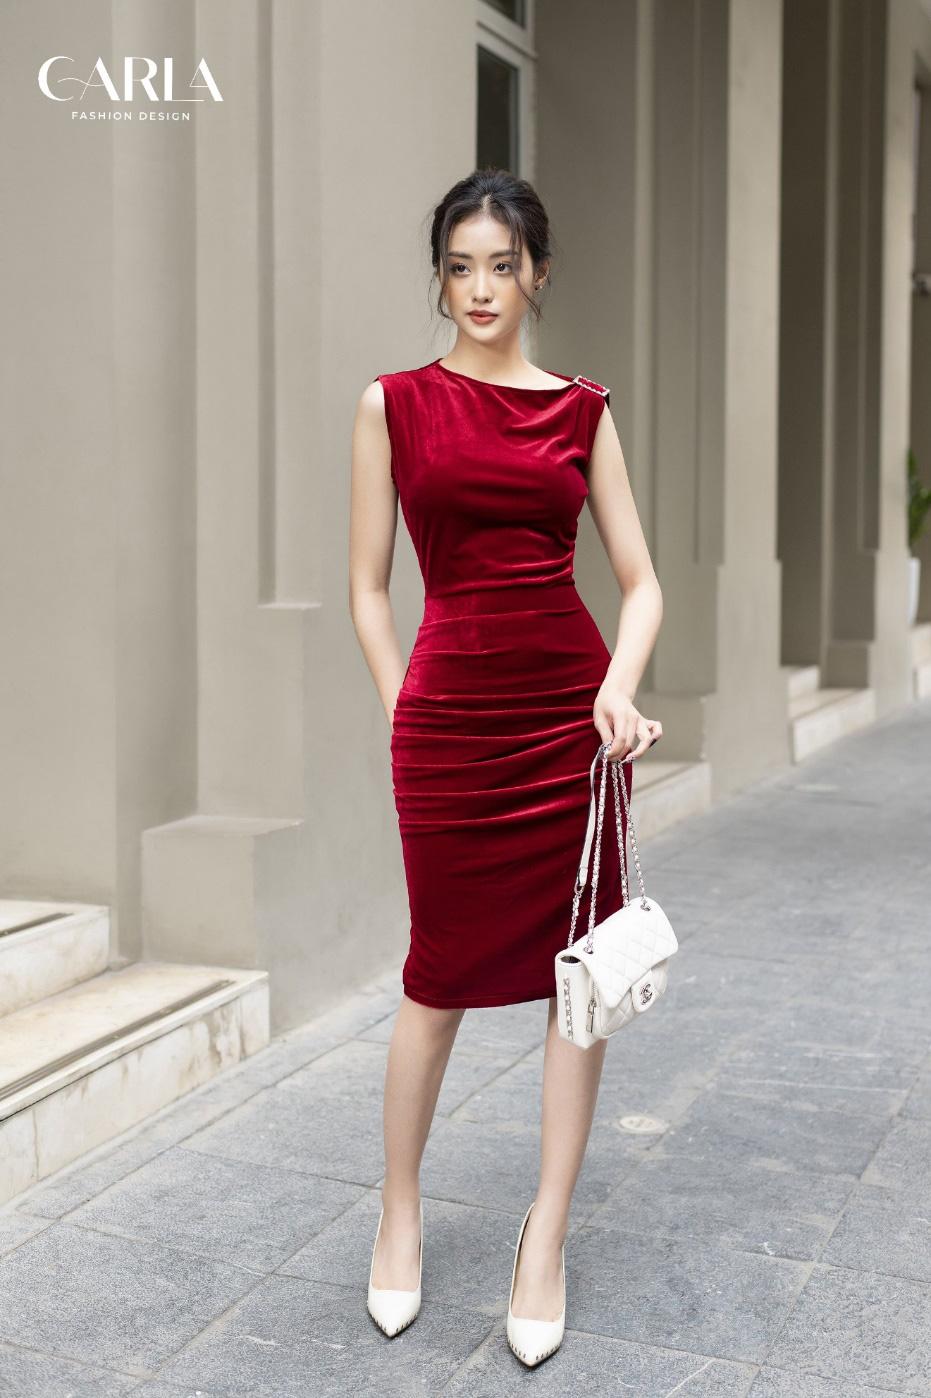 Carla Fashion tự tin chinh phục tín đồ thời trang - Ảnh 1.